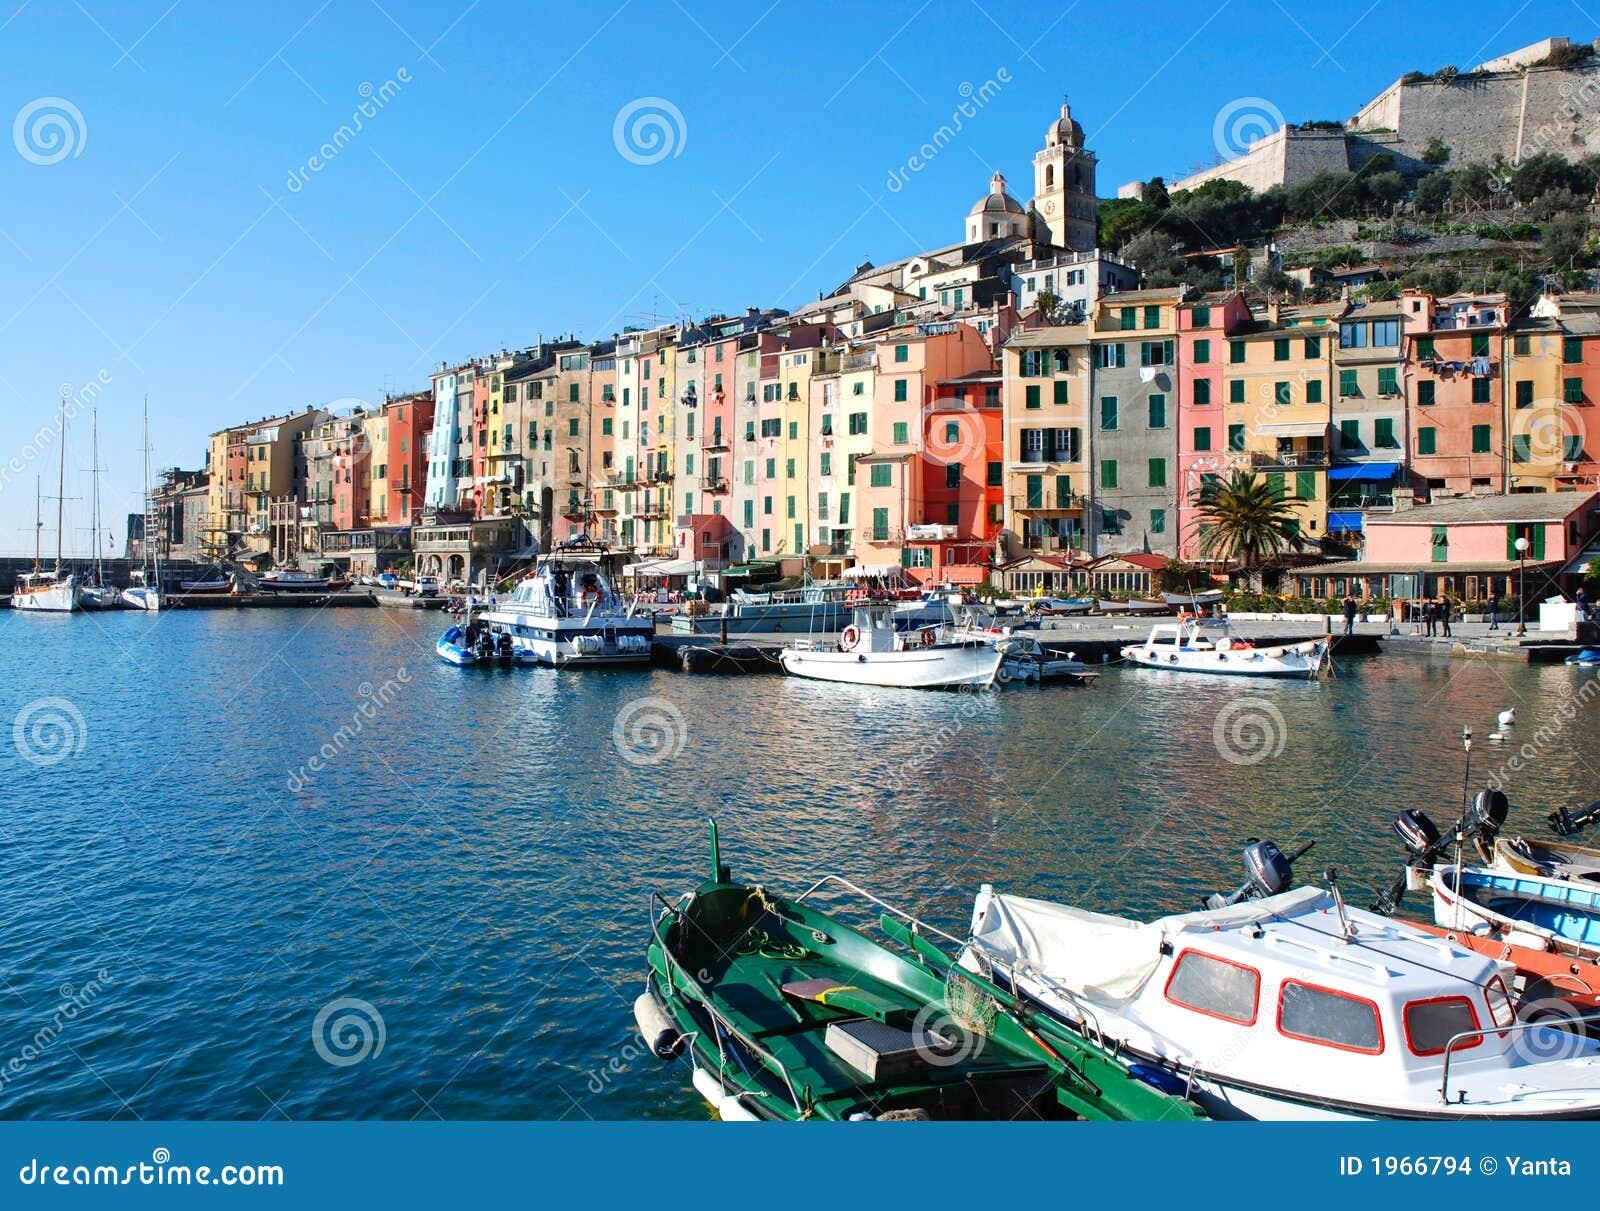 Kolorowe włoski miasto nad morze